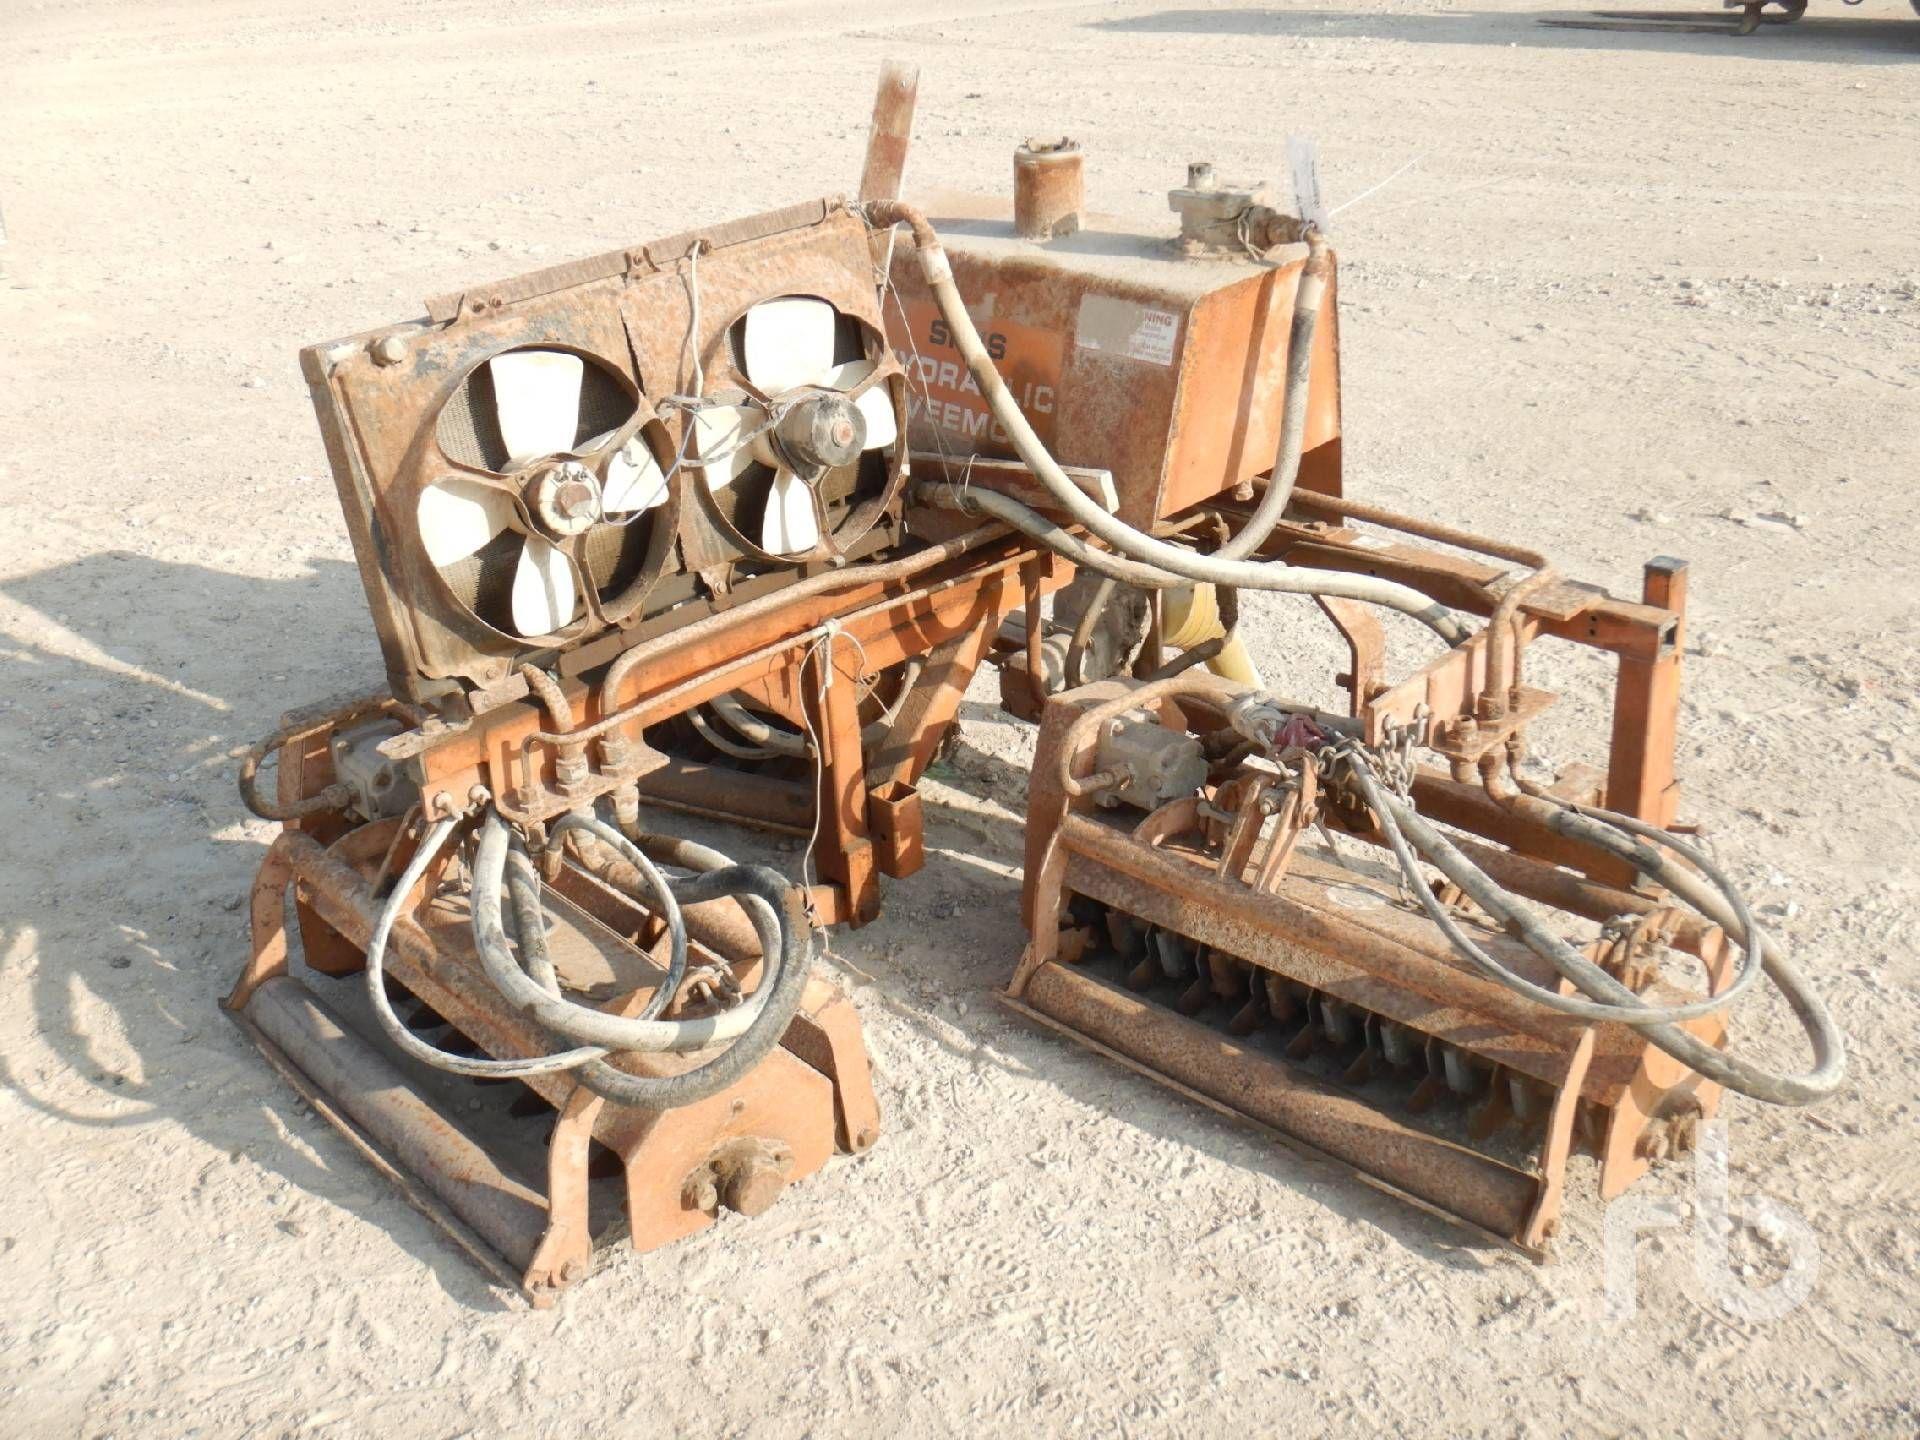 SISIS 3 Pt Anhängerkupplung Typ Hyd Rototiller Landmaschinen - andere